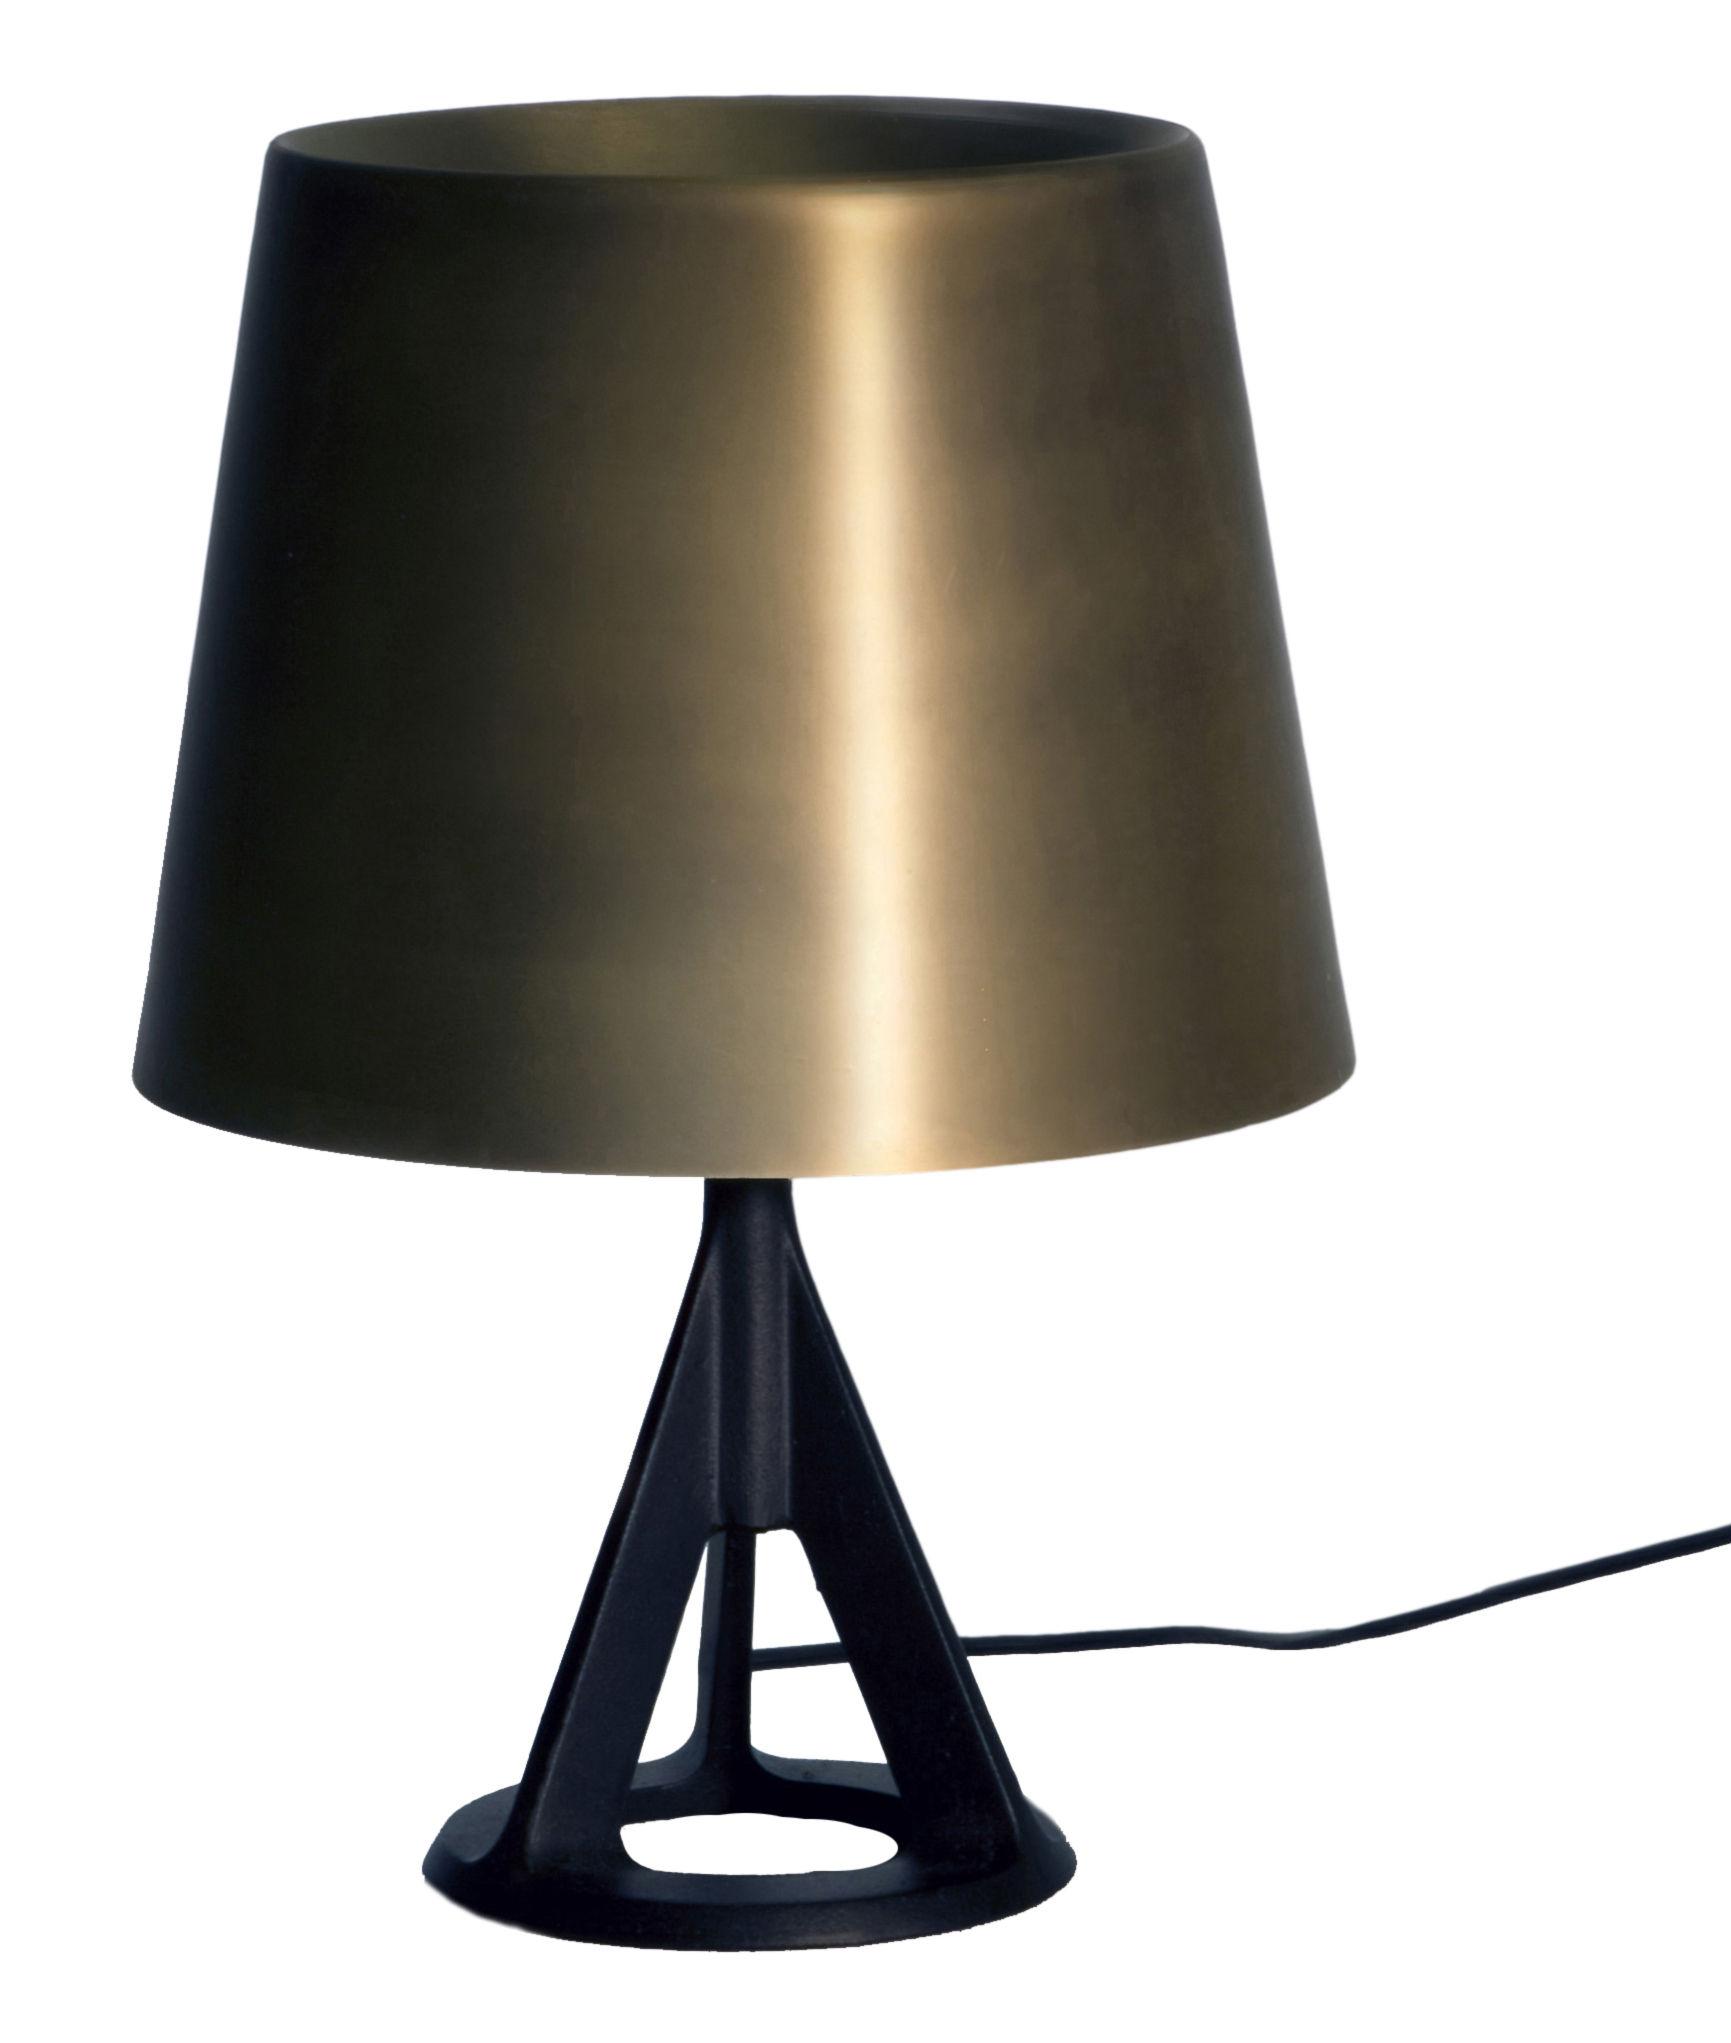 Leuchten - Tischleuchten - Base Tischleuchte - Tom Dixon - Gold / Schwarz - gebürstetes Messing, Gusseisen